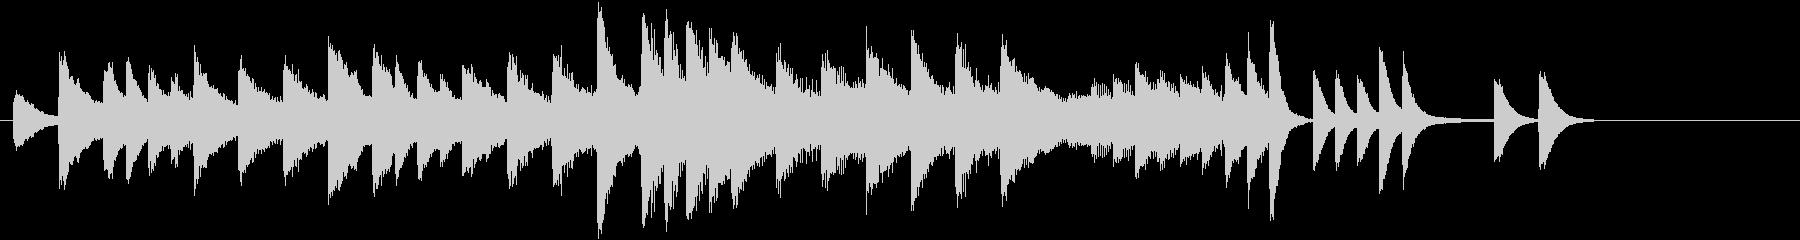 クリスマスおめでとうピアノジングルAの未再生の波形